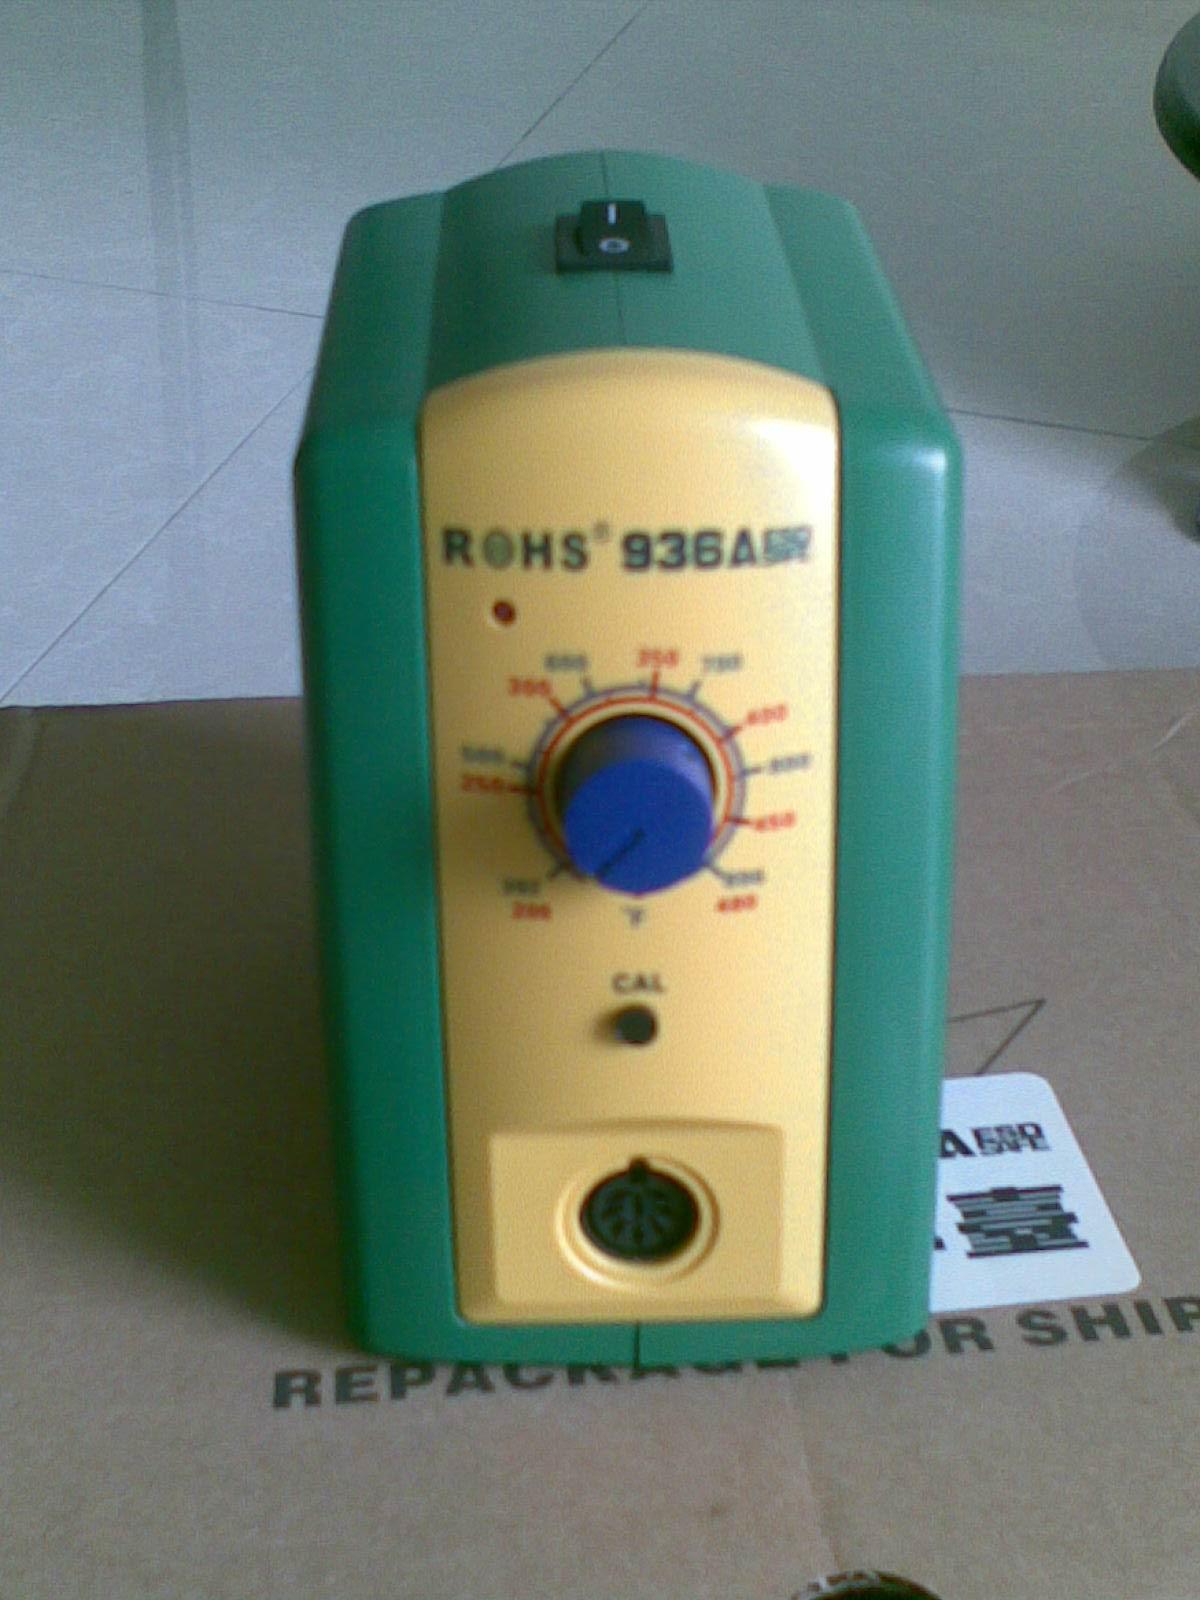 供应手机维修焊台ROHS-936A